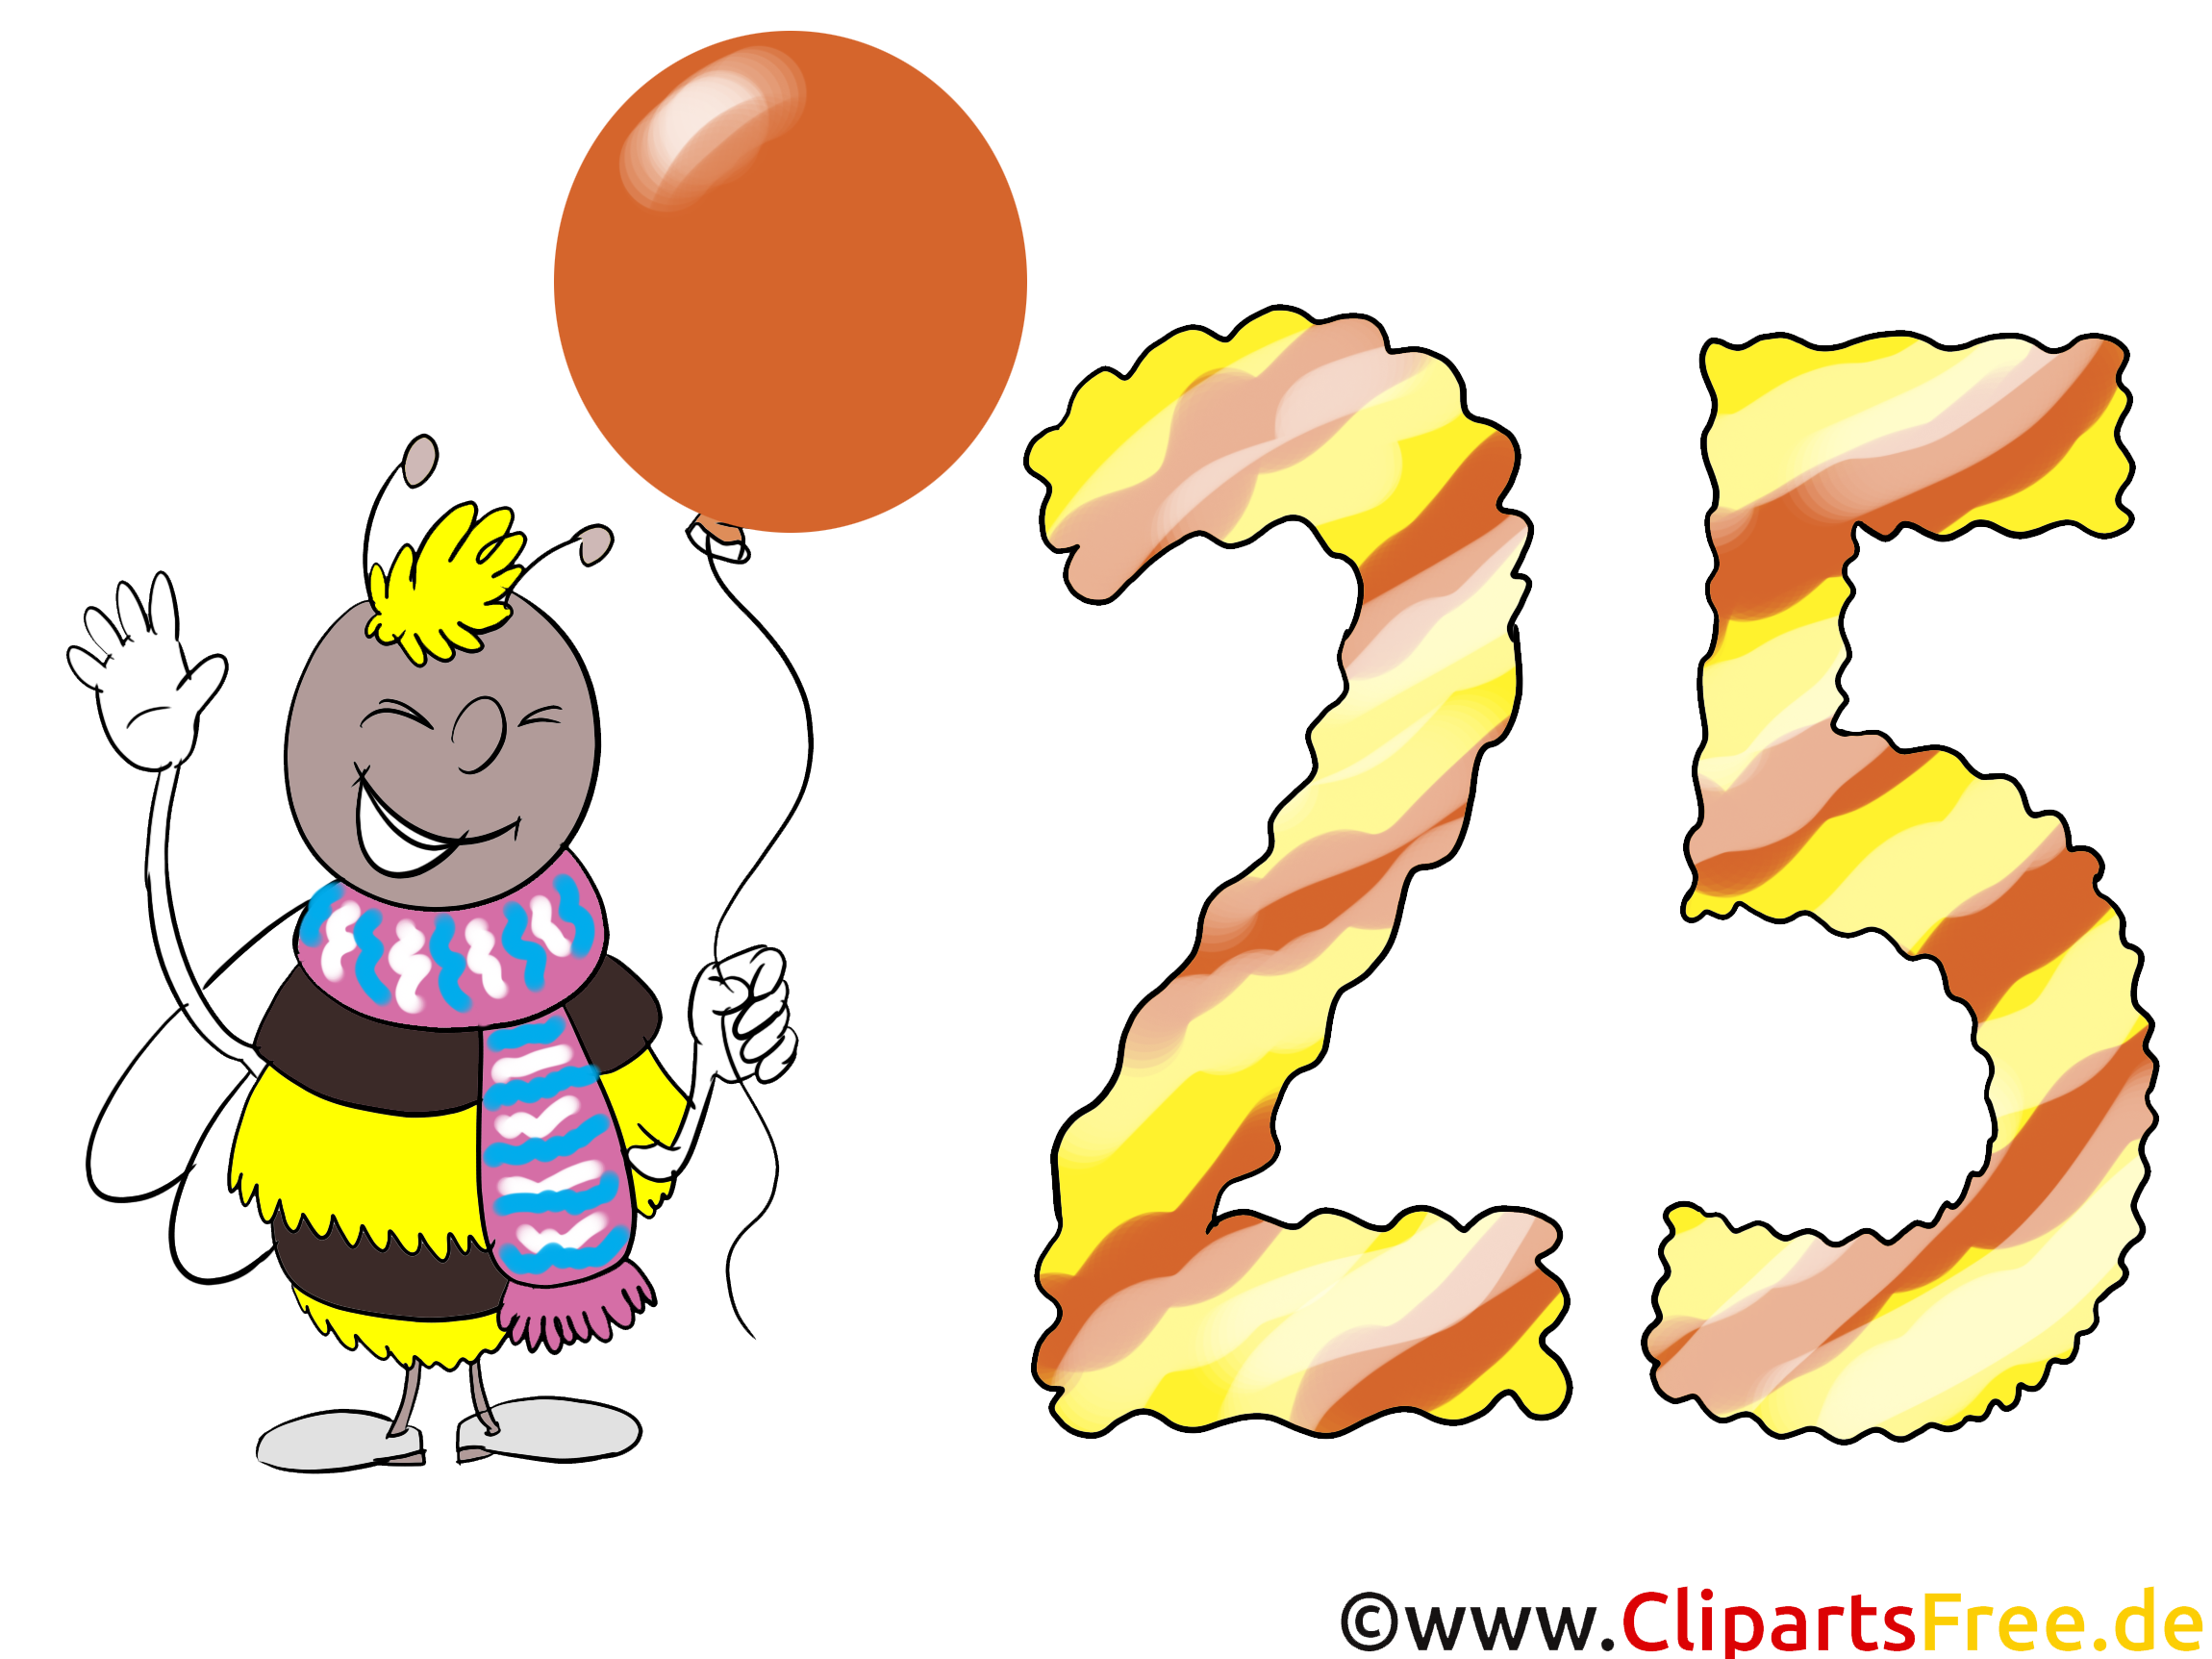 Geburtstagsw nsche zum 25 geburtstag karte clipart bild gratis - Geburtstagsbilder zum 25 ...